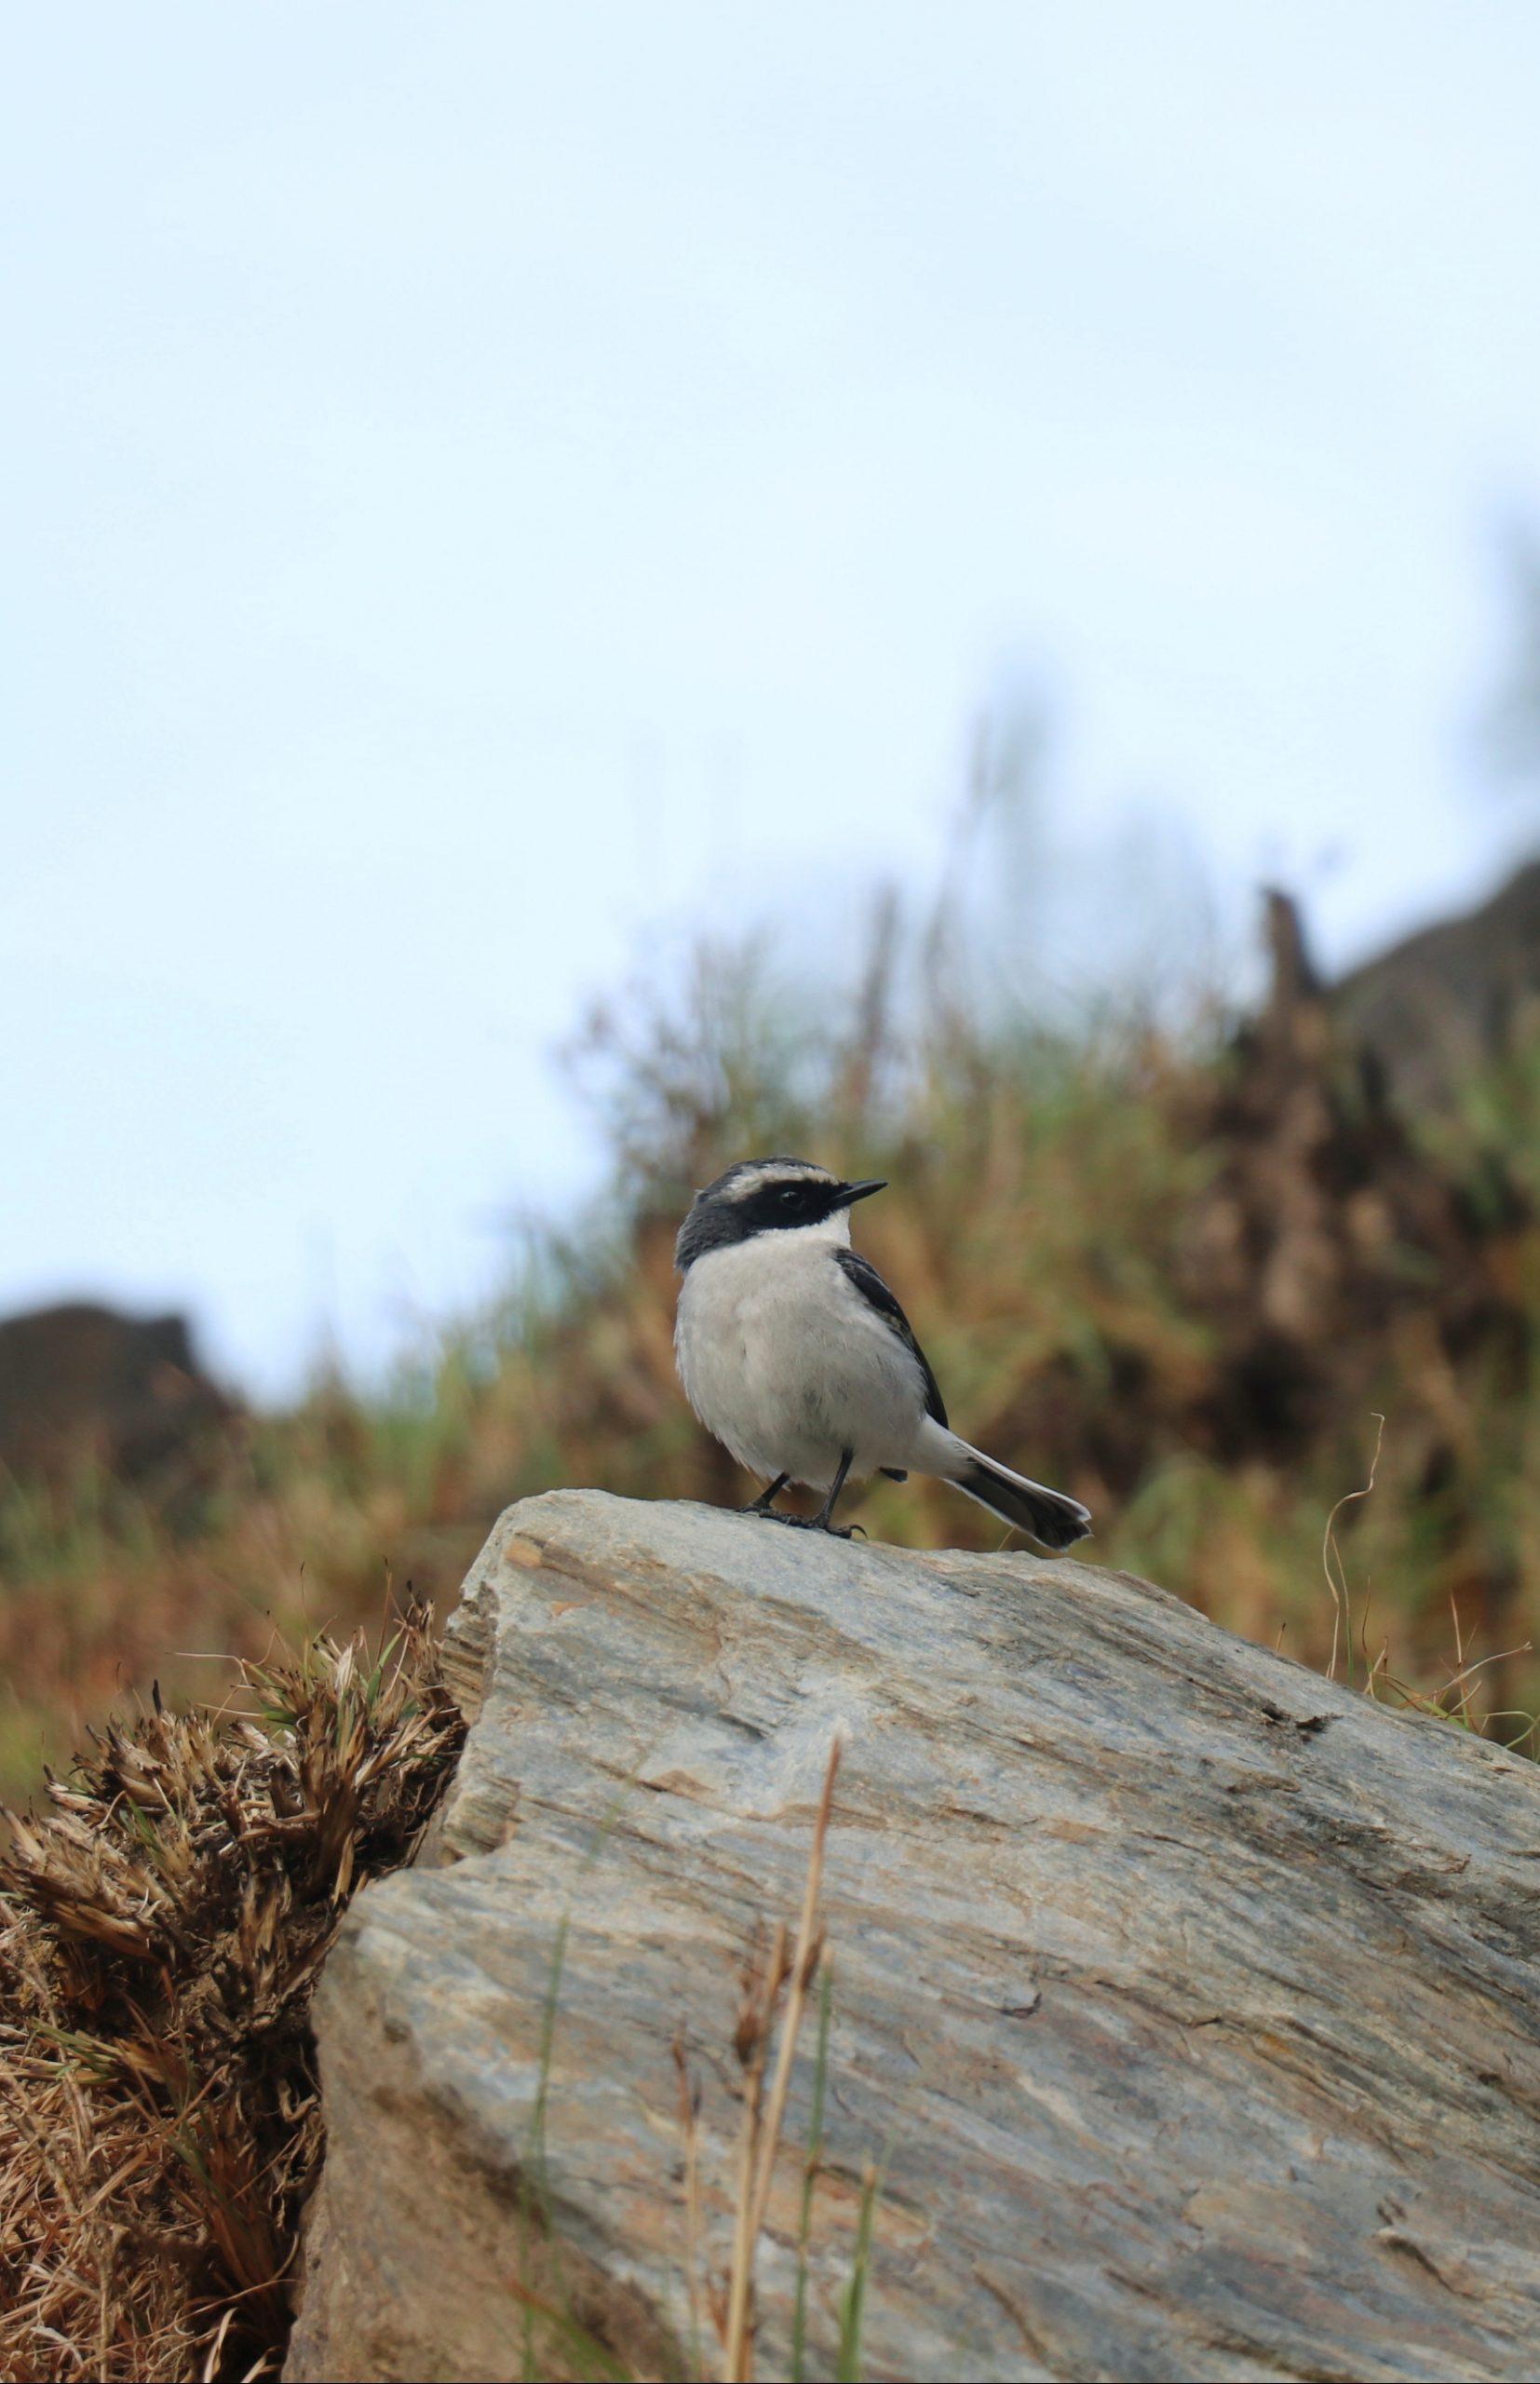 Beautiful bird on the rock